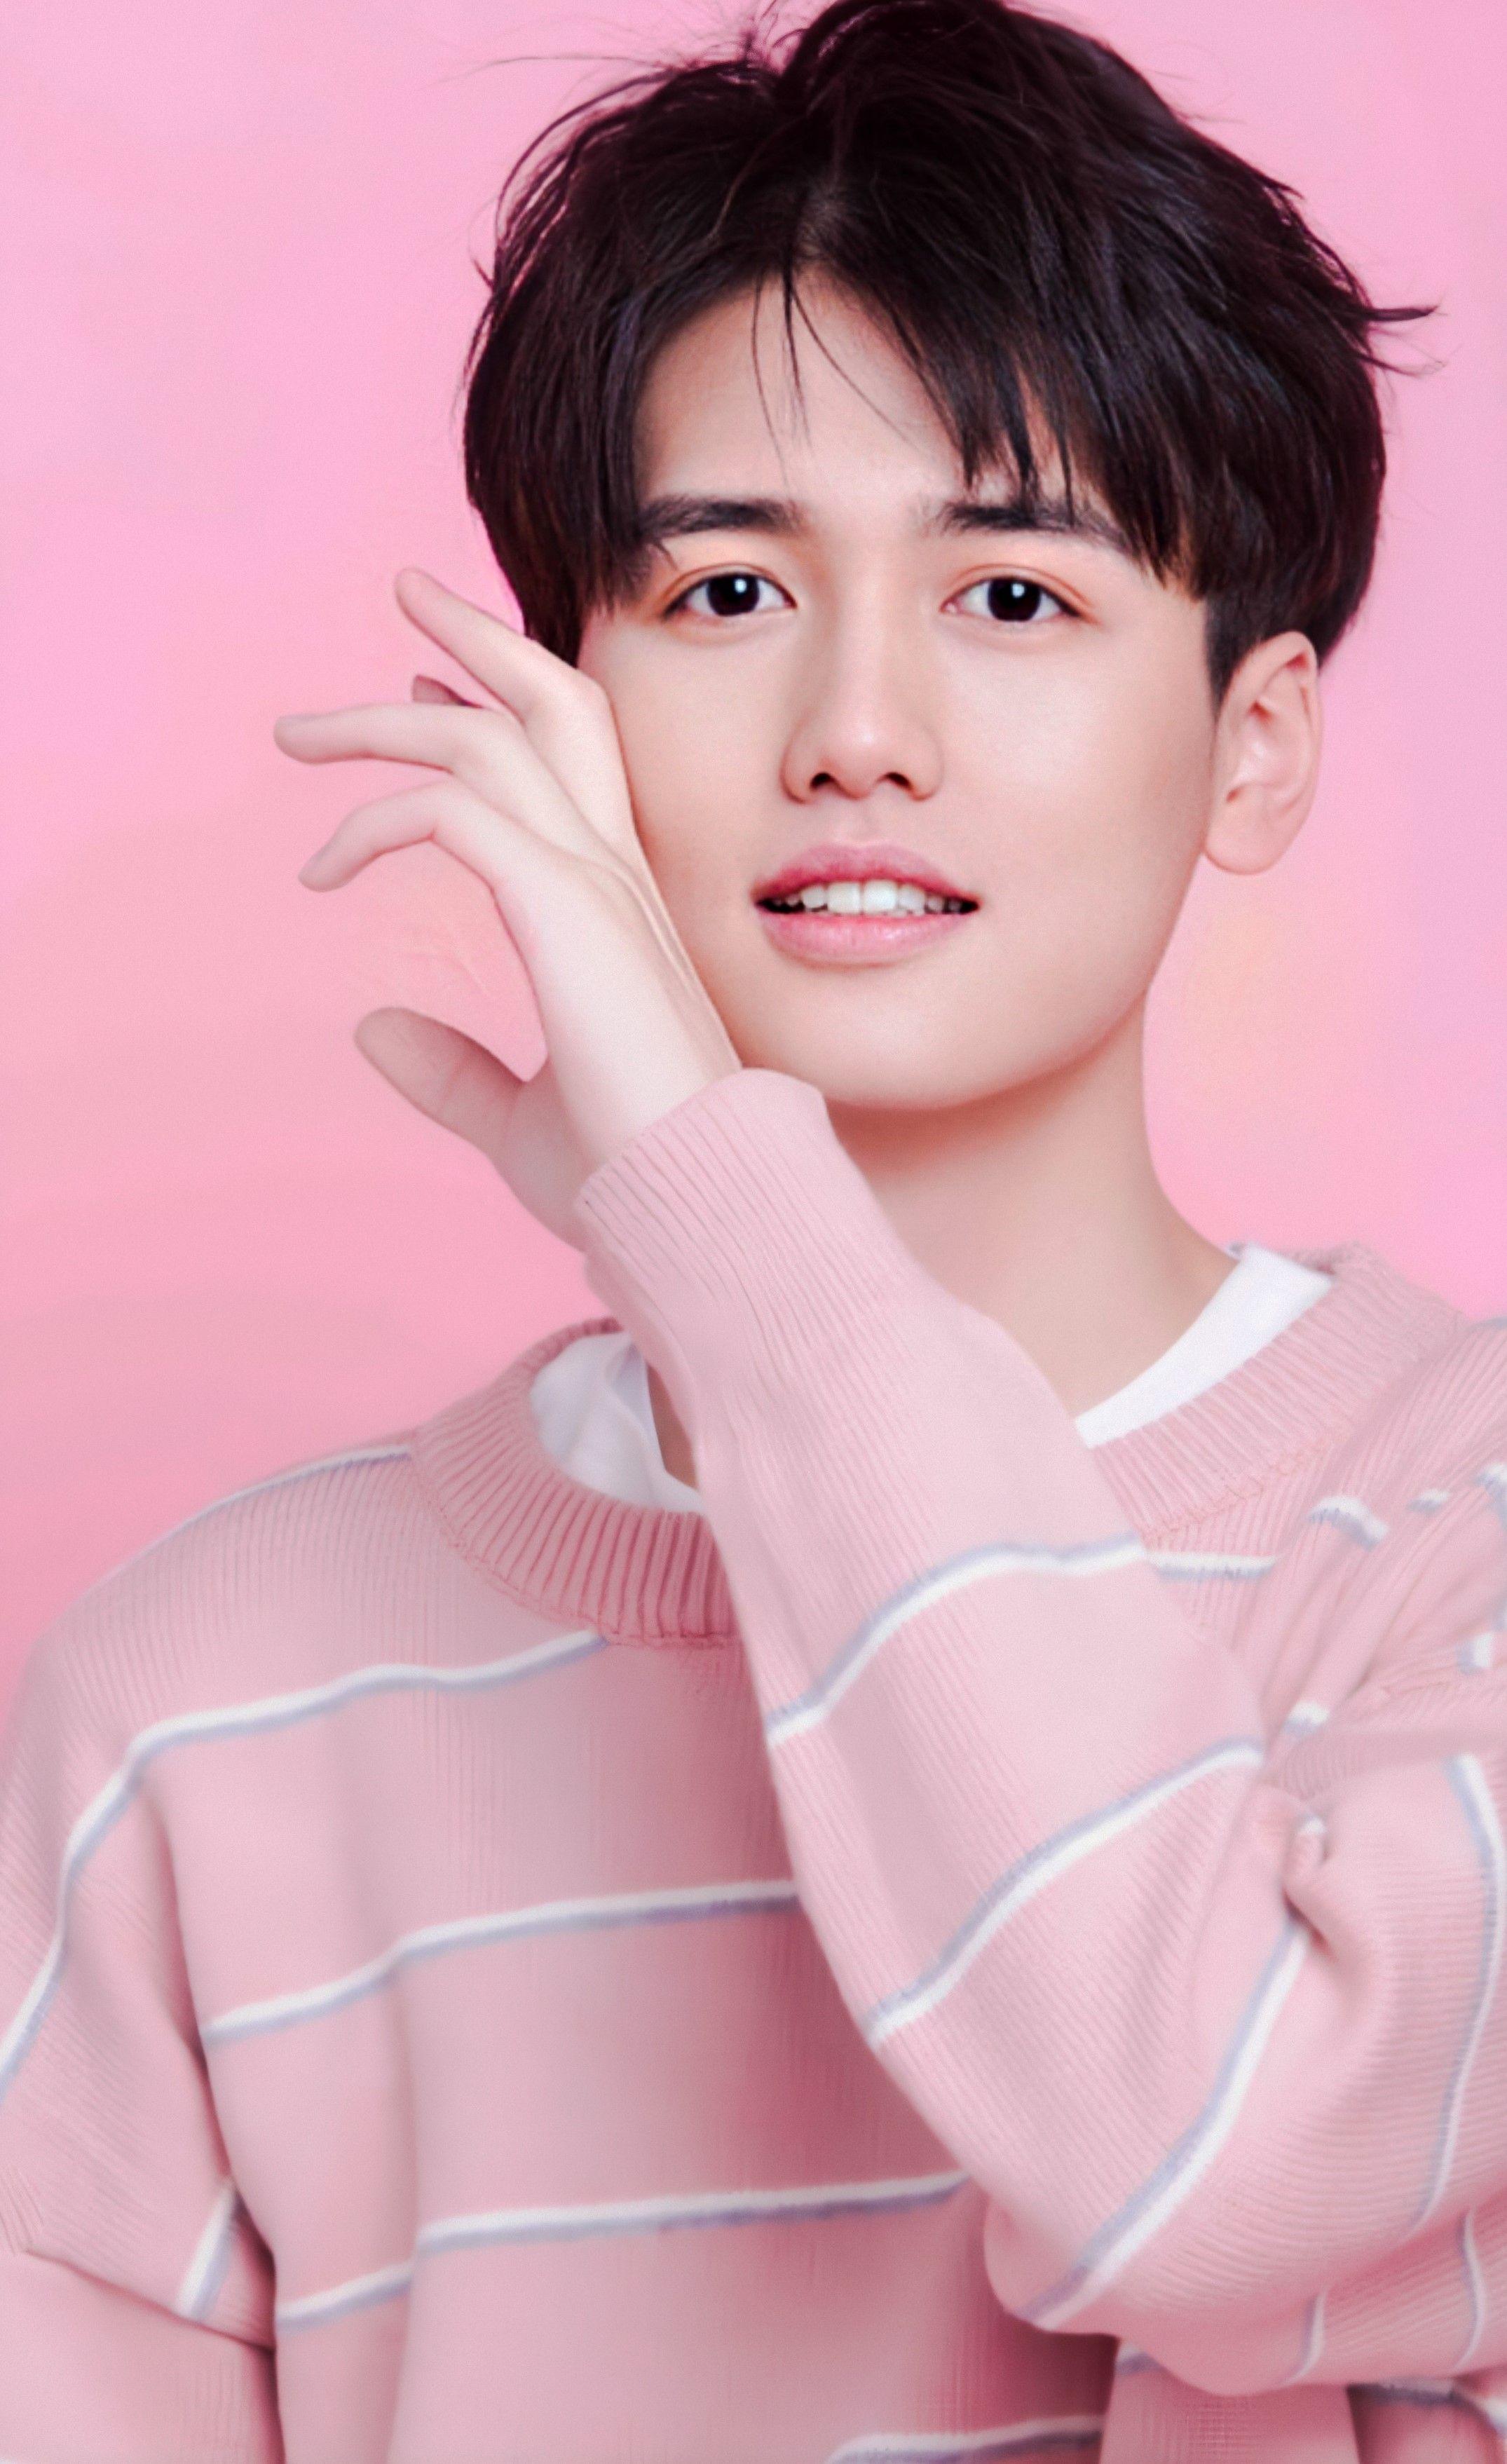 Ryan Peng Wiki Drama Fandom En 2020 Actores Lindos Chicos Bonitos Adolescentes Guapos Original language of film or tv show. pinterest